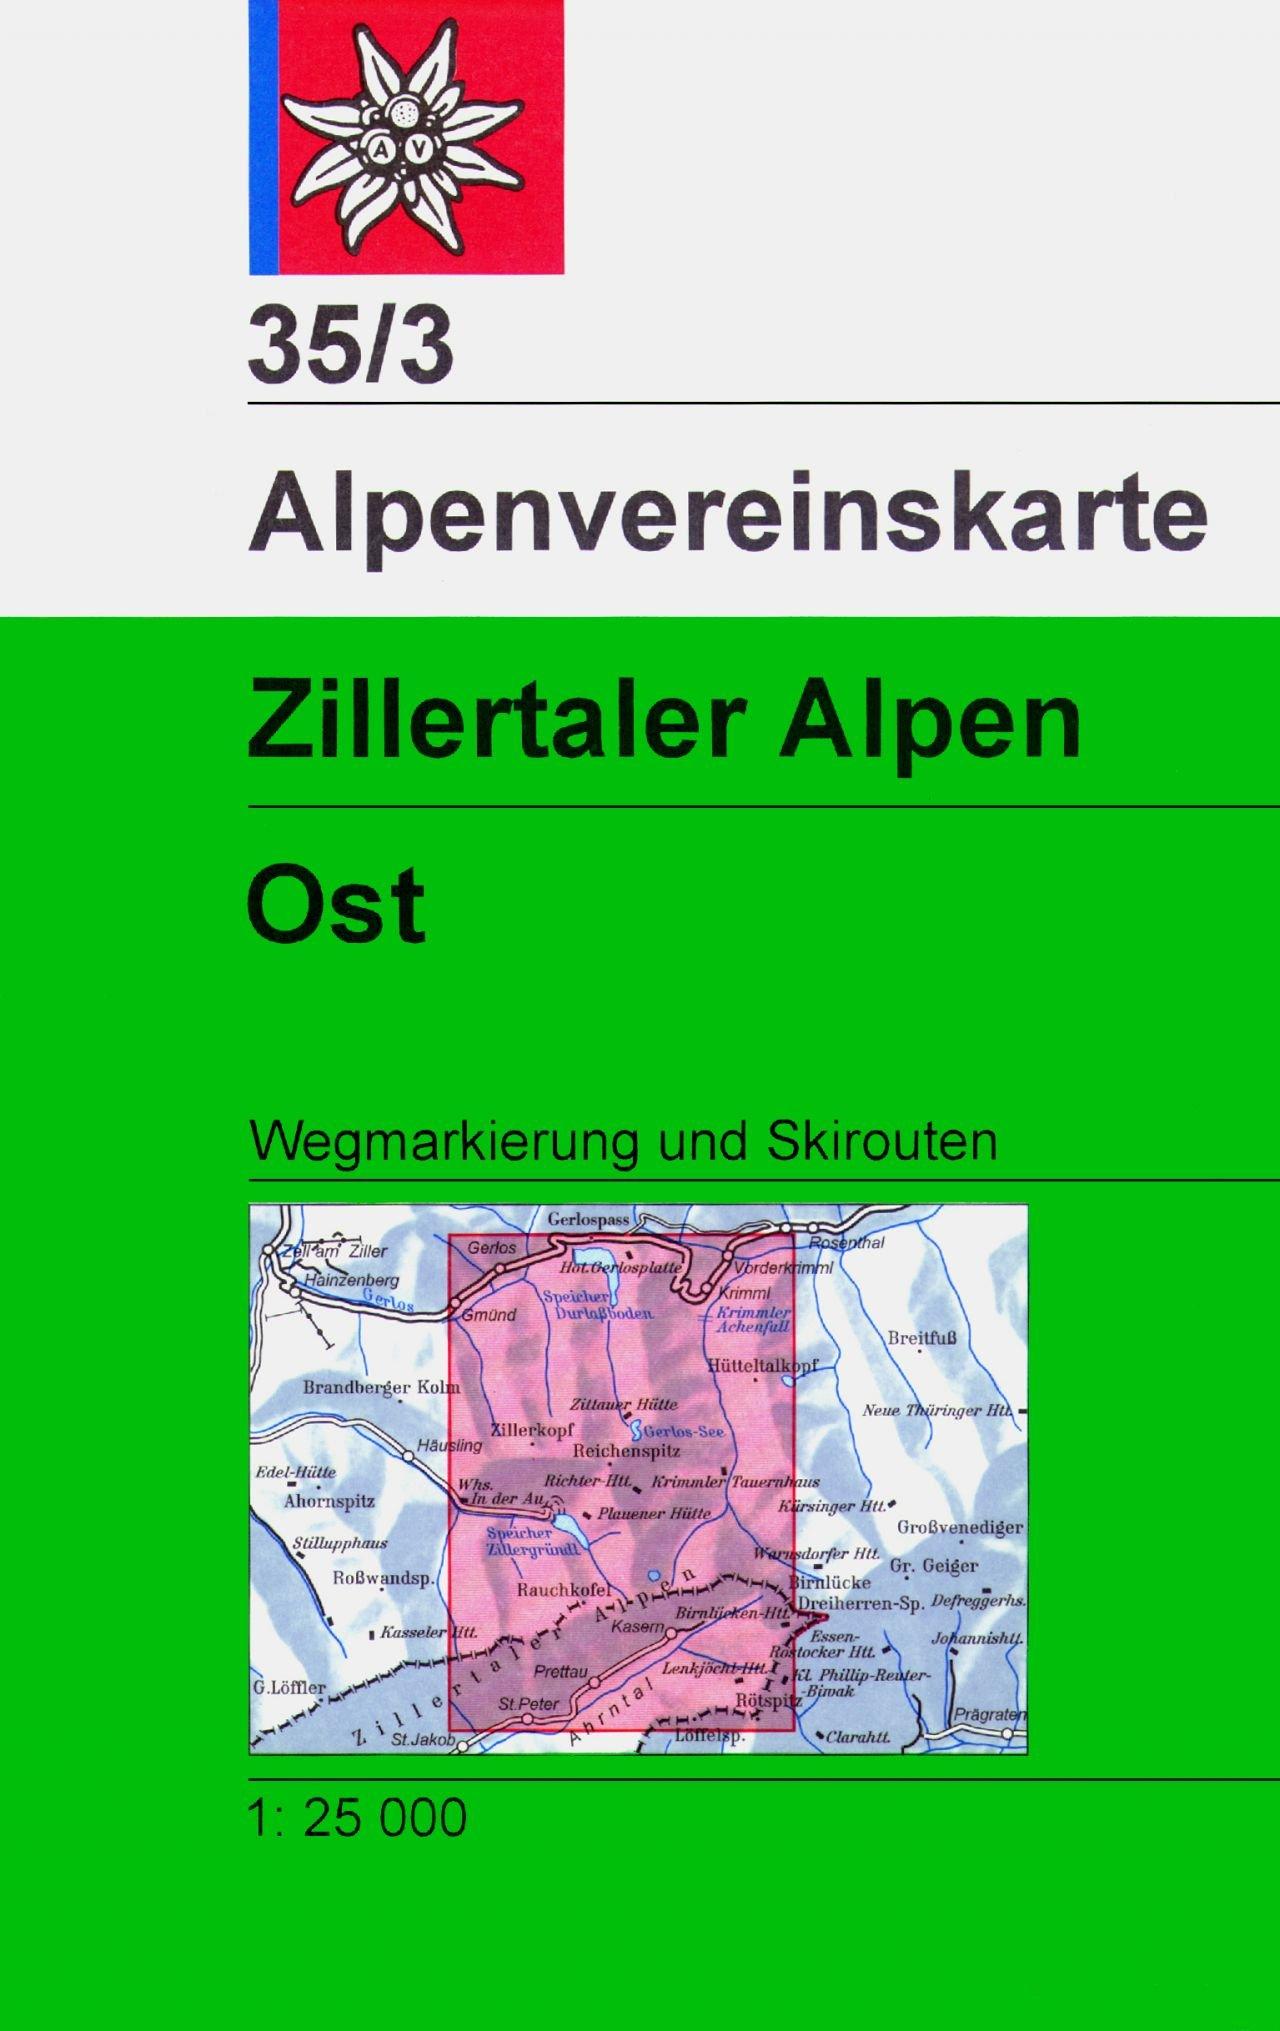 AV-35/3 Zillertaler Alpen/Ost [2018] Alpenvereinskarte wandelkaart 9783928777858  AlpenVerein Alpenvereinskarten  Wandelkaarten Tirol & Vorarlberg